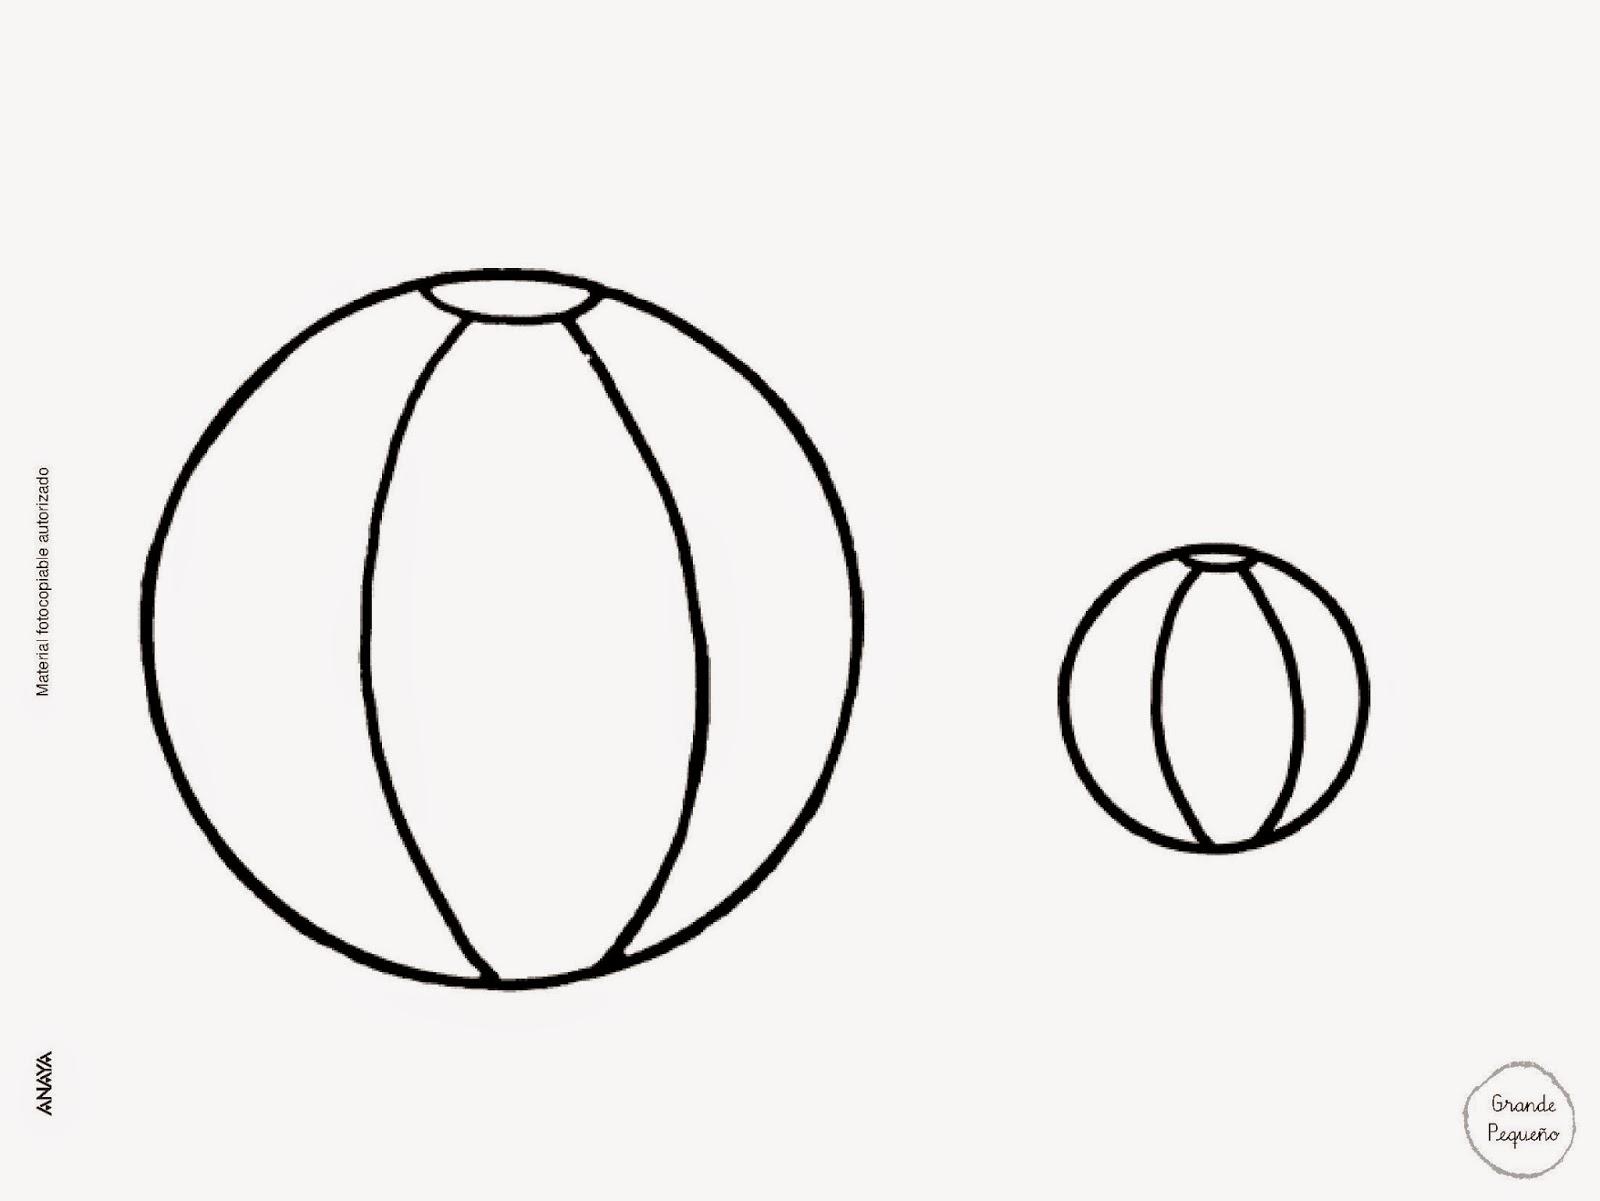 Aprendo en el blog: Tamaños (grande-pequeño) (alto-bajo ...